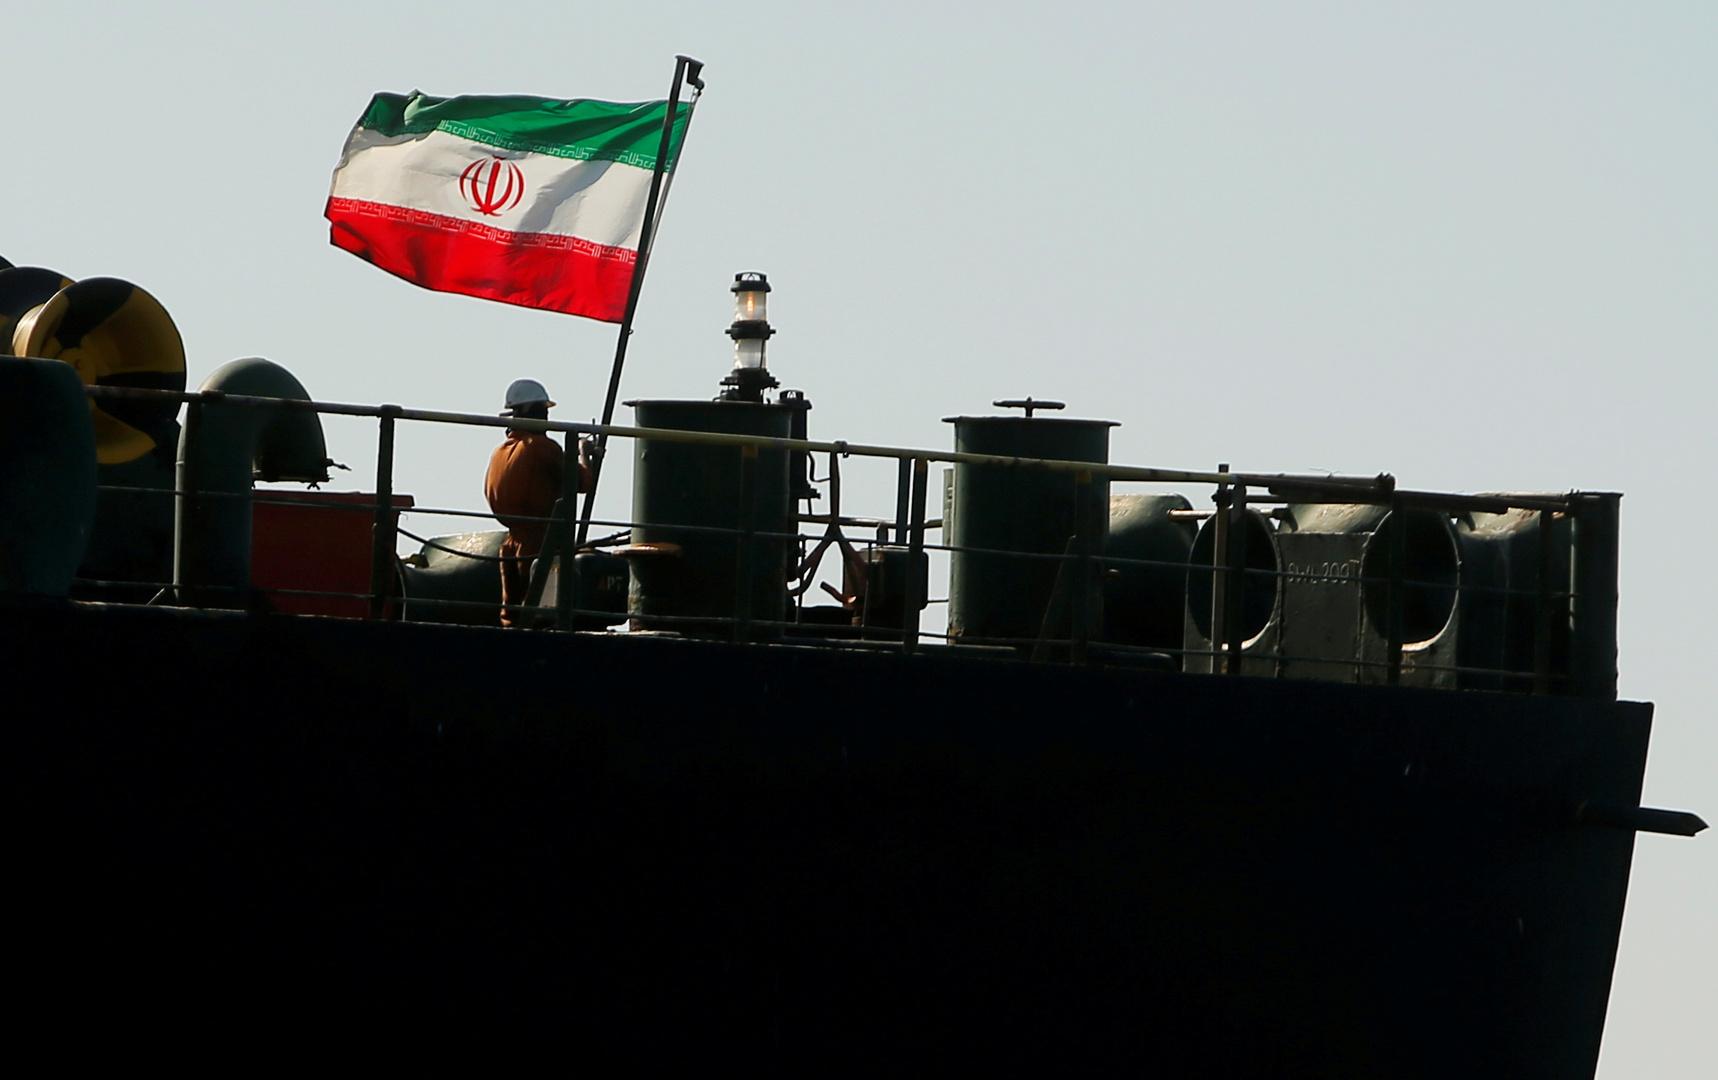 نصرالله يعلن وصول أول باخرة نفط إيرانية إلى مرفأ بانياس